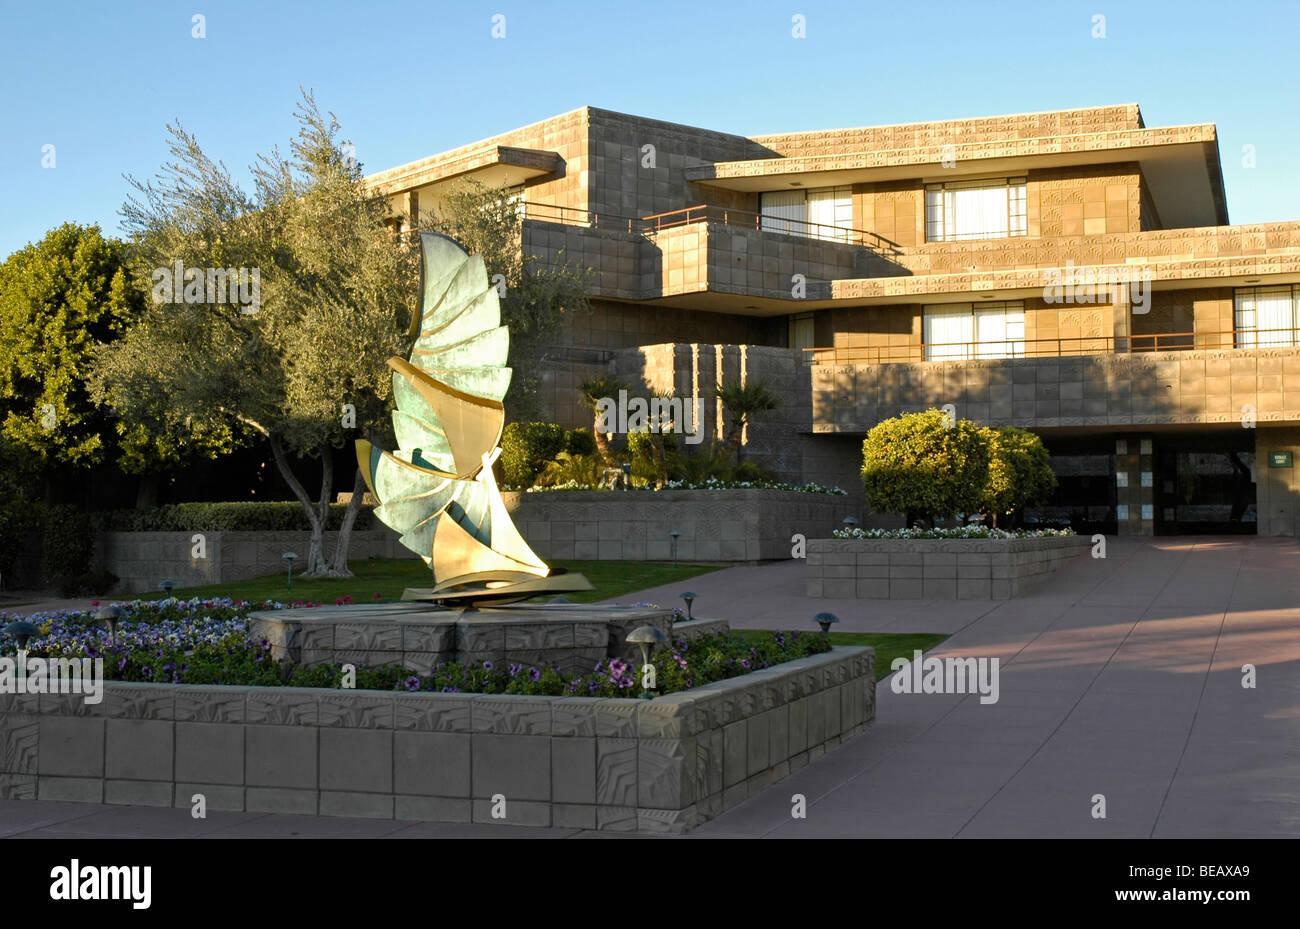 the biltmore resort & hotel, phoenix, arizona, usa stock photo